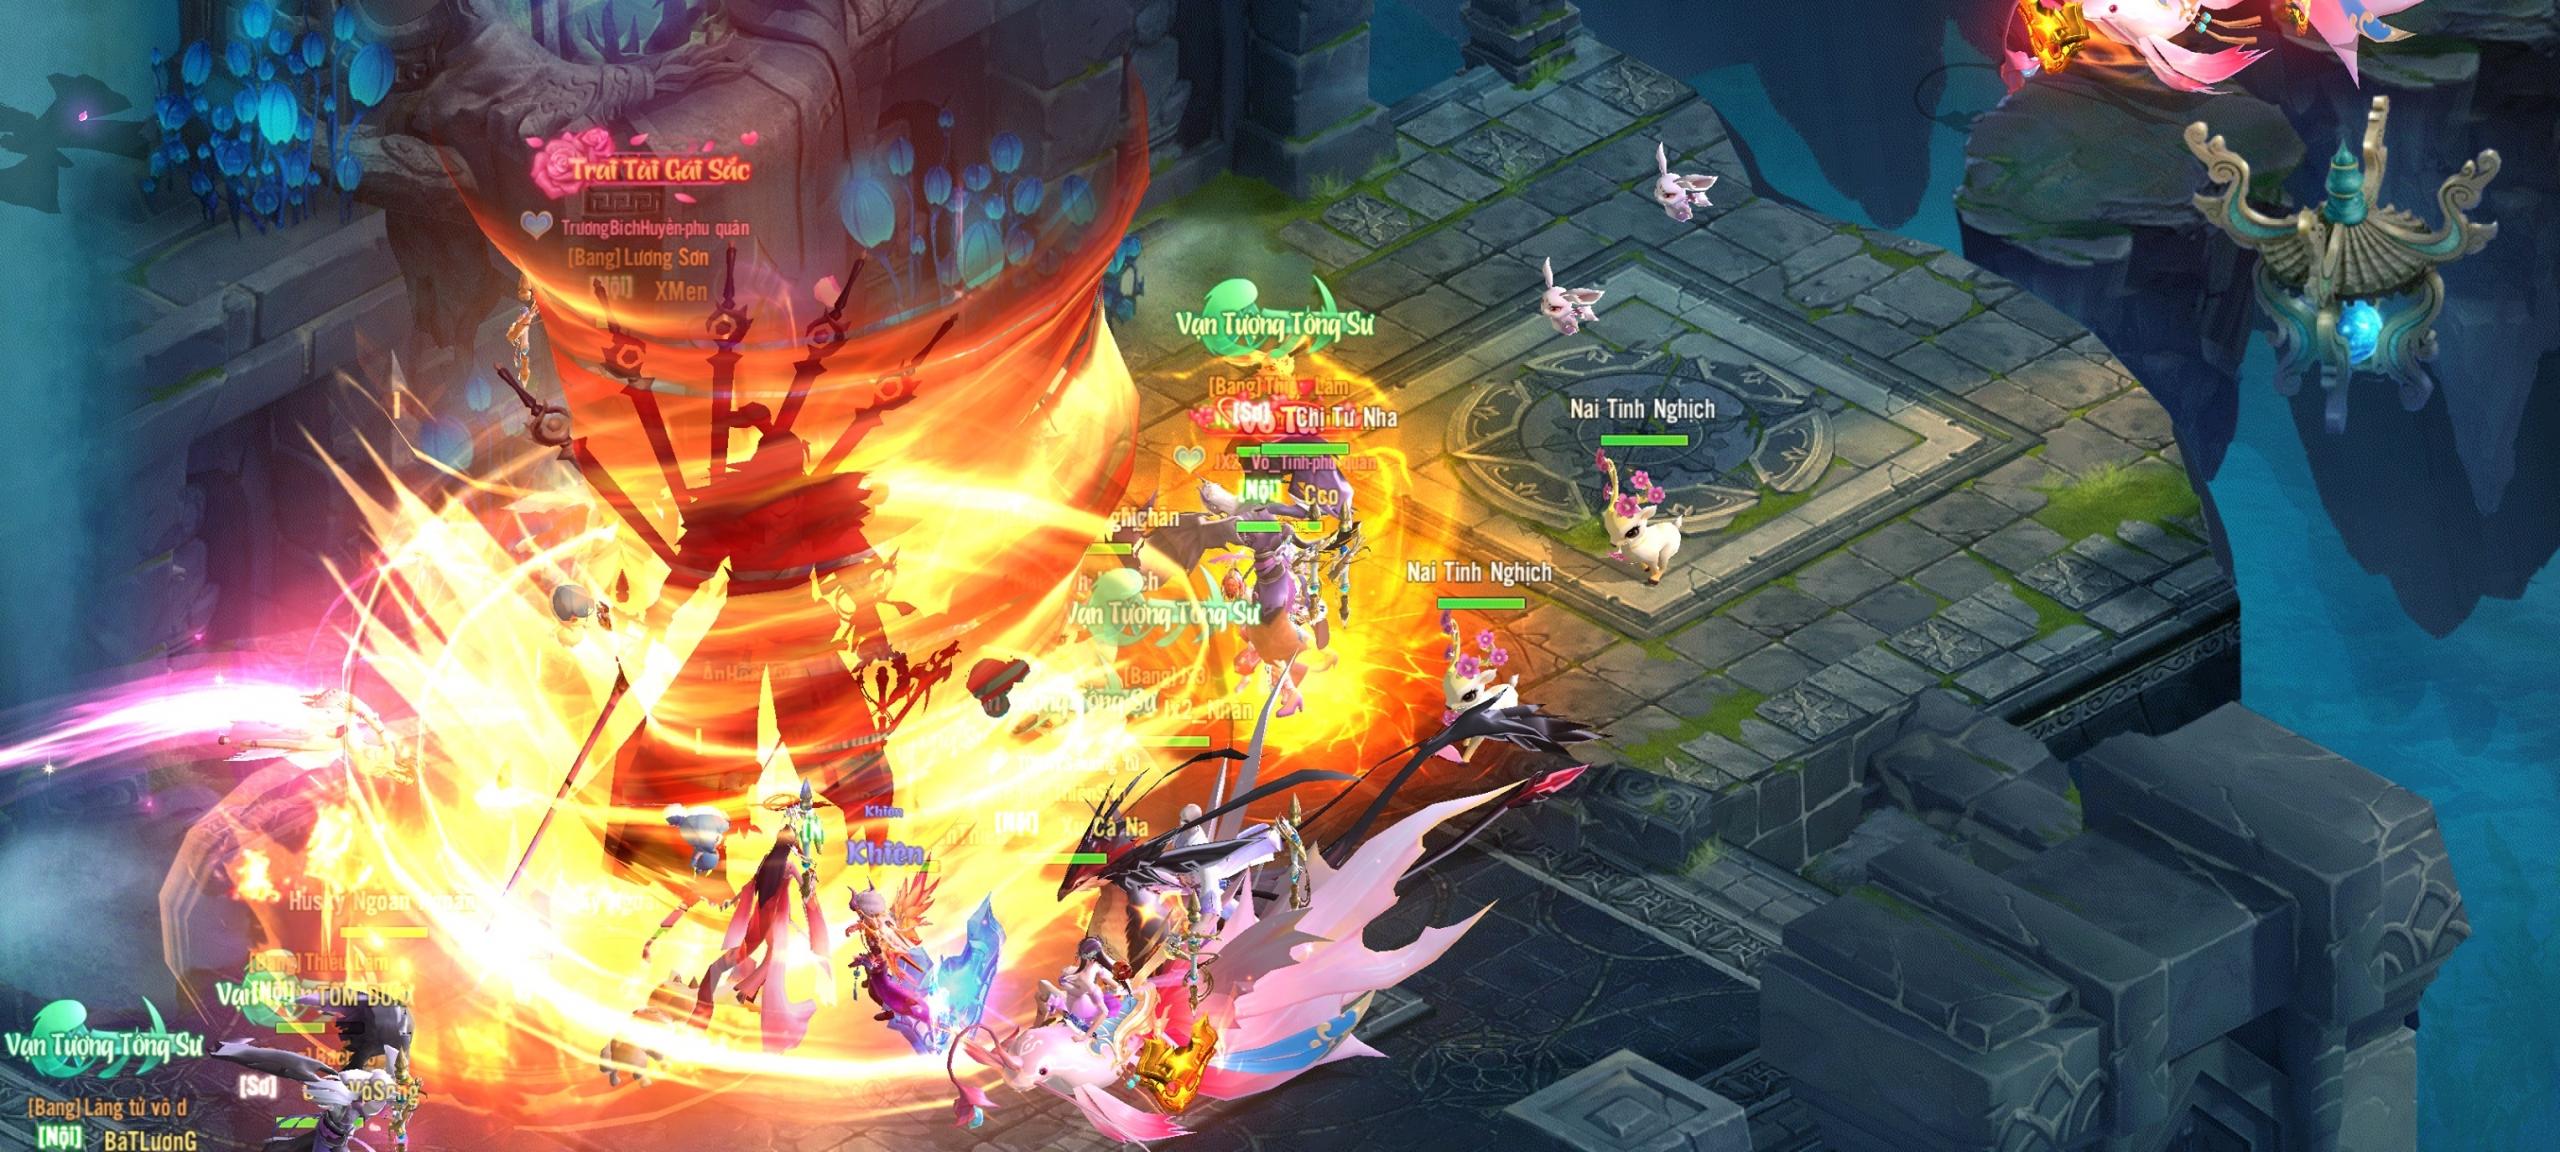 """Nhìn lại ngày ra mắt của Thần Kiếm Mobile: Người đông hơn quái, săn boss mà chậm chân thì """"còn cái nịt""""?! 1"""